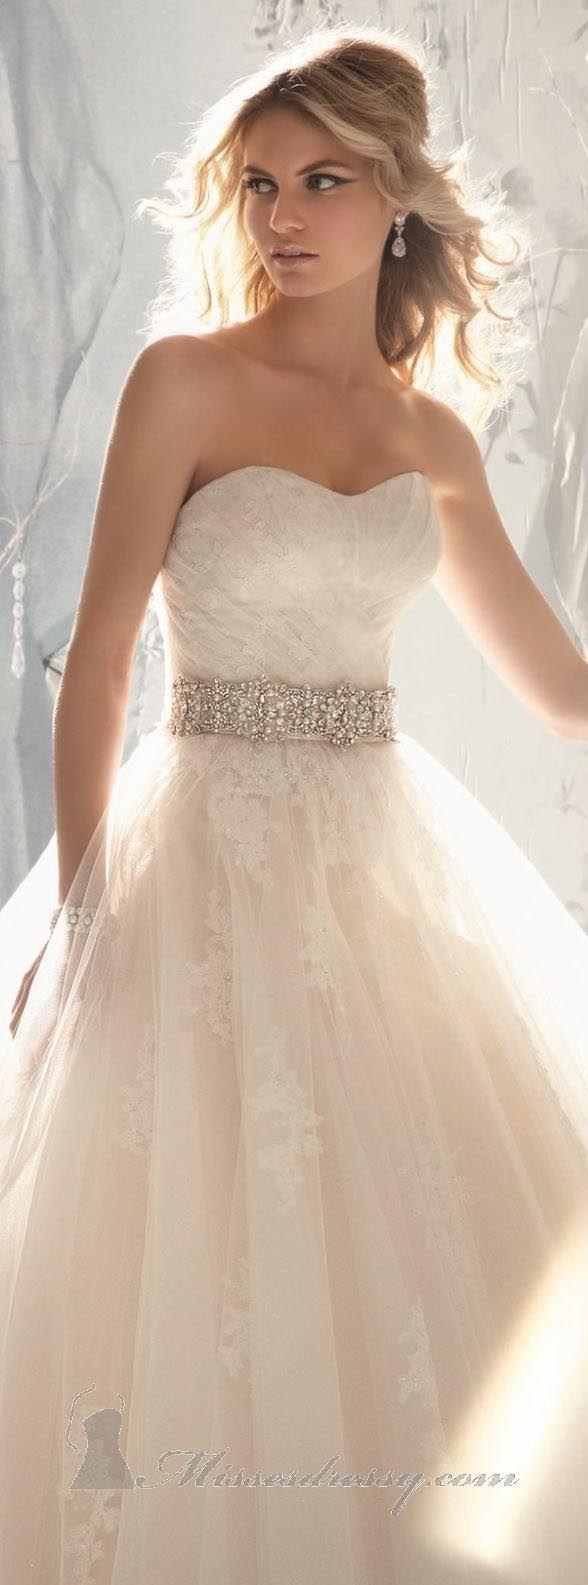 Idee Hochzeitskleid lang mit Taillengütel glitzer | Hochzeit ...